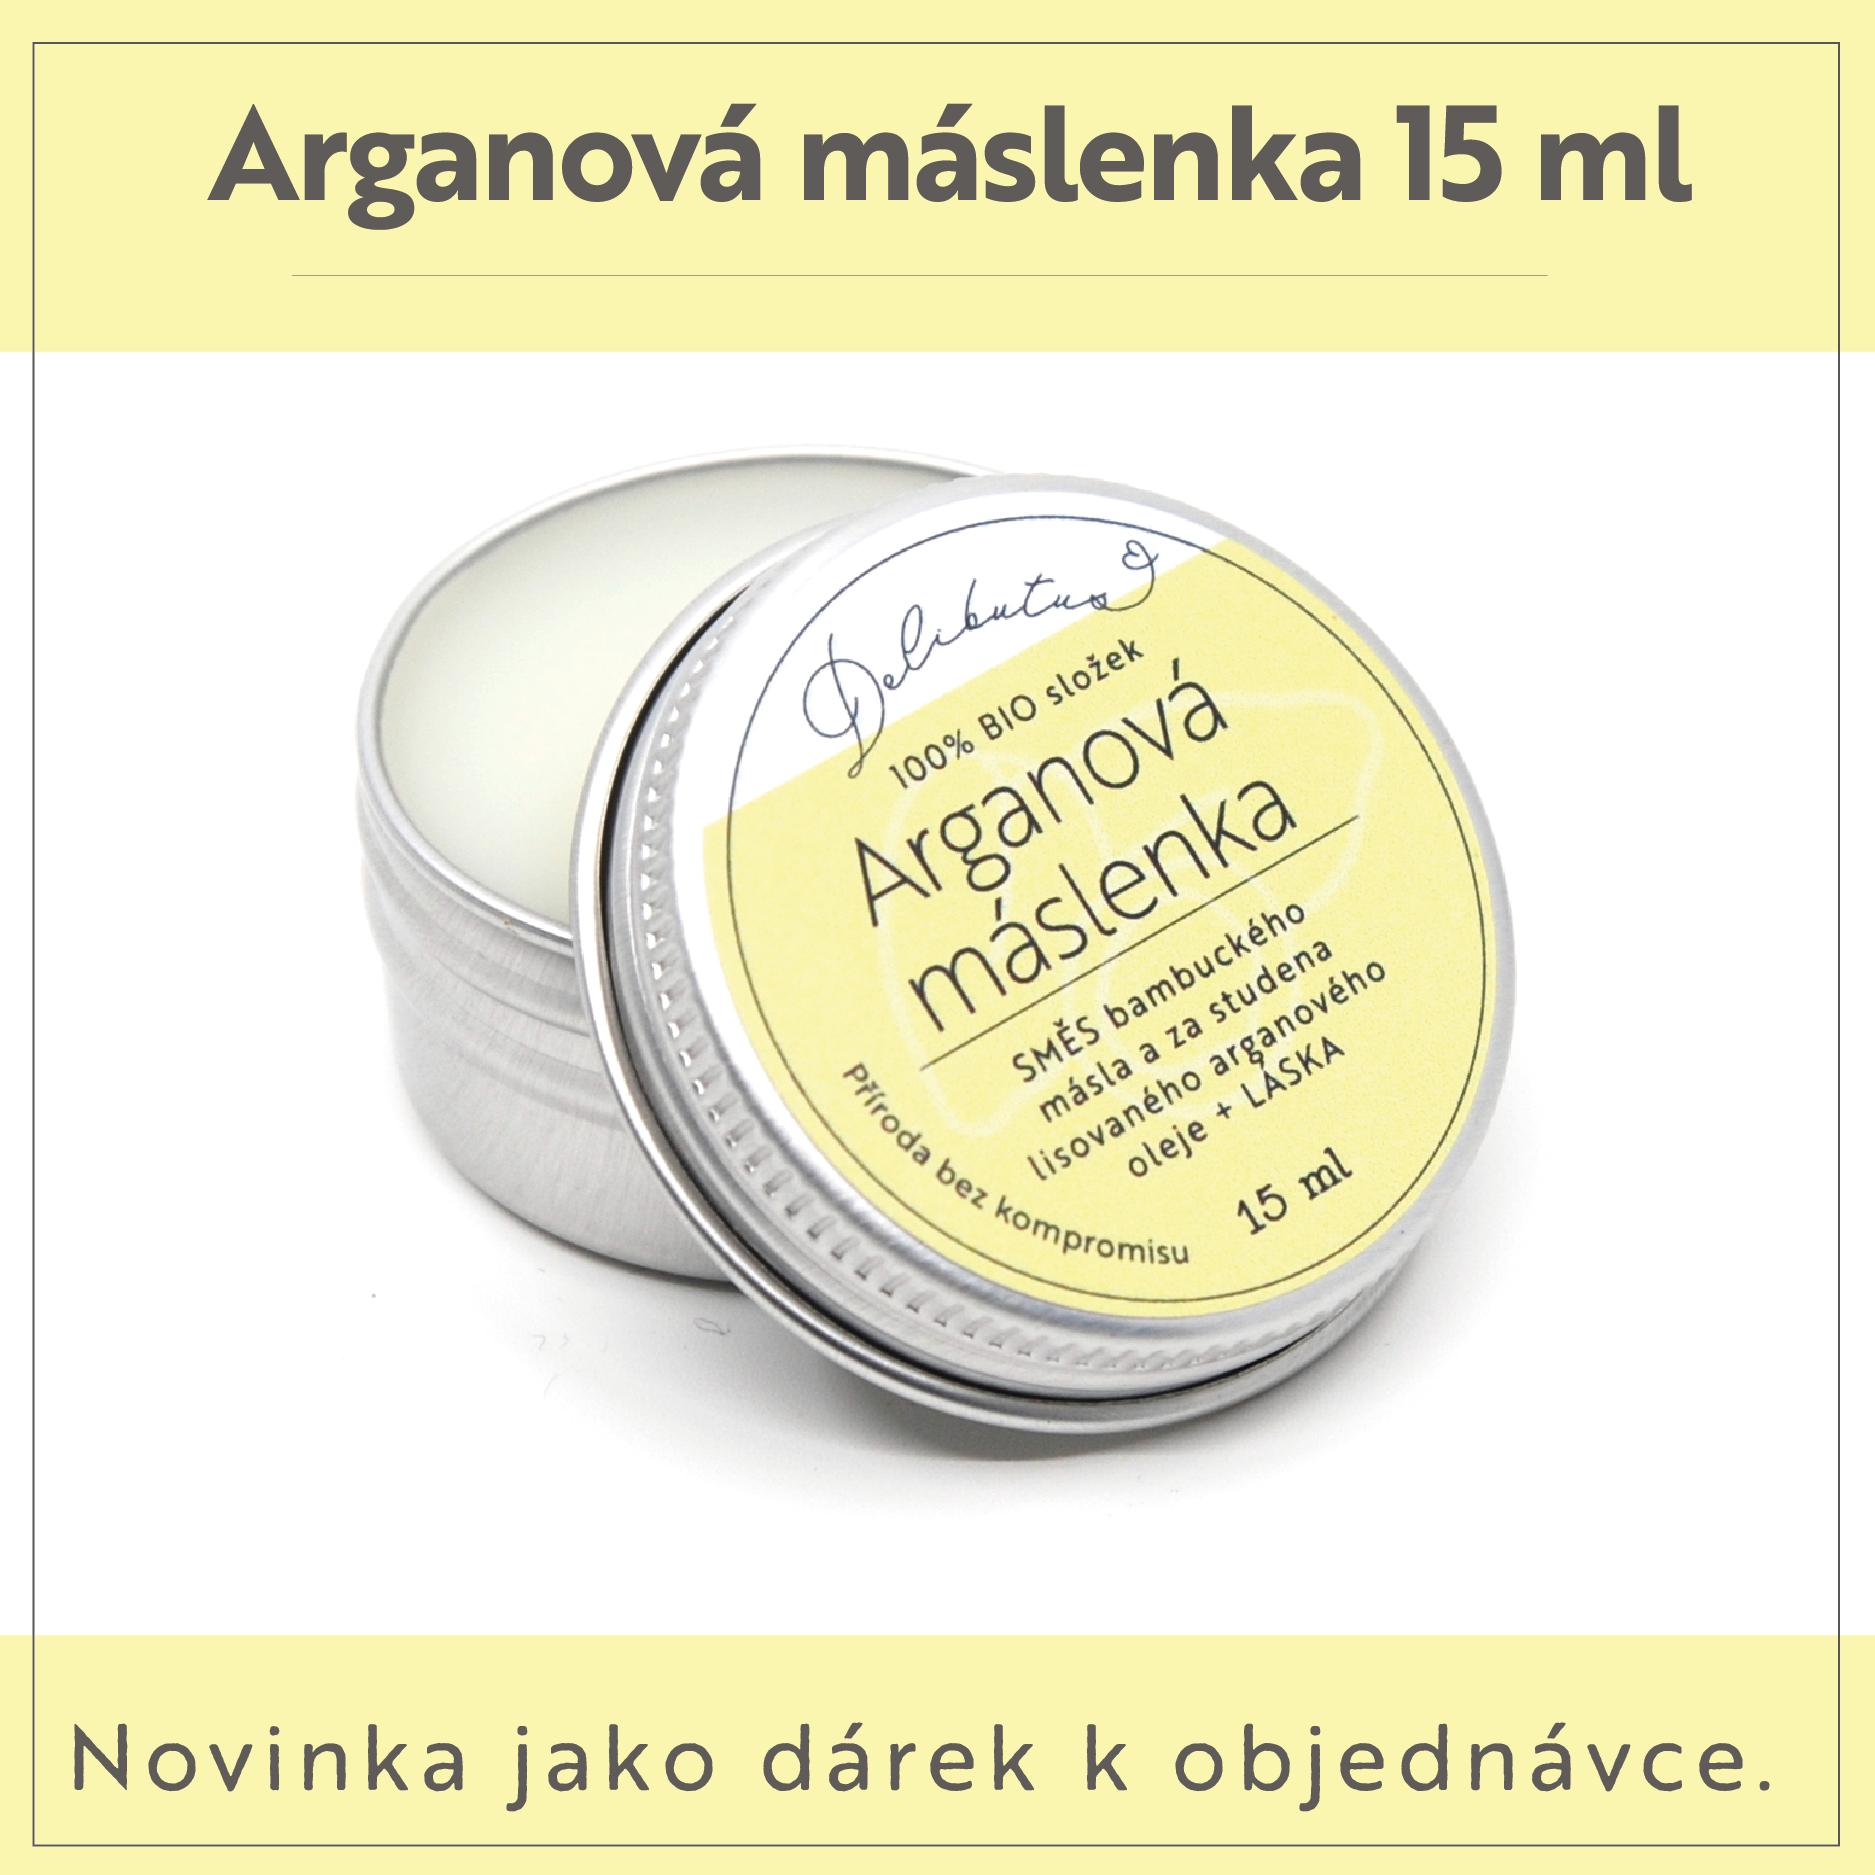 Arganová máslenka